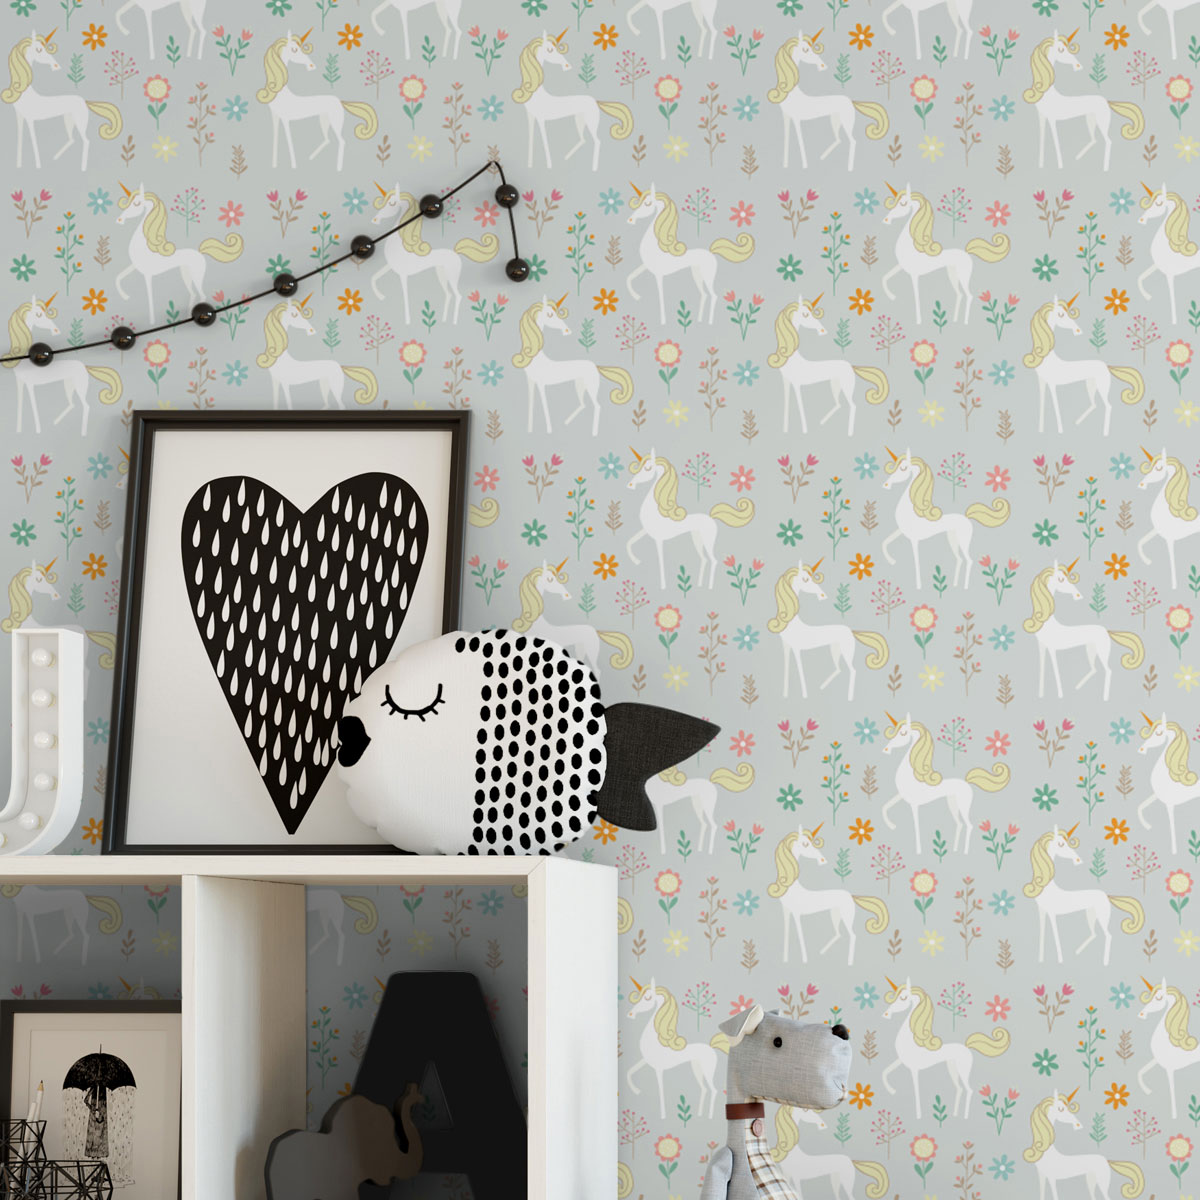 Wandtapete grau: zauberhafte Kinder Traum Tapete mit magischem Einhorn auf grau angepasst an Farrow and Ball Wandfarben- Vliestapete Tiere